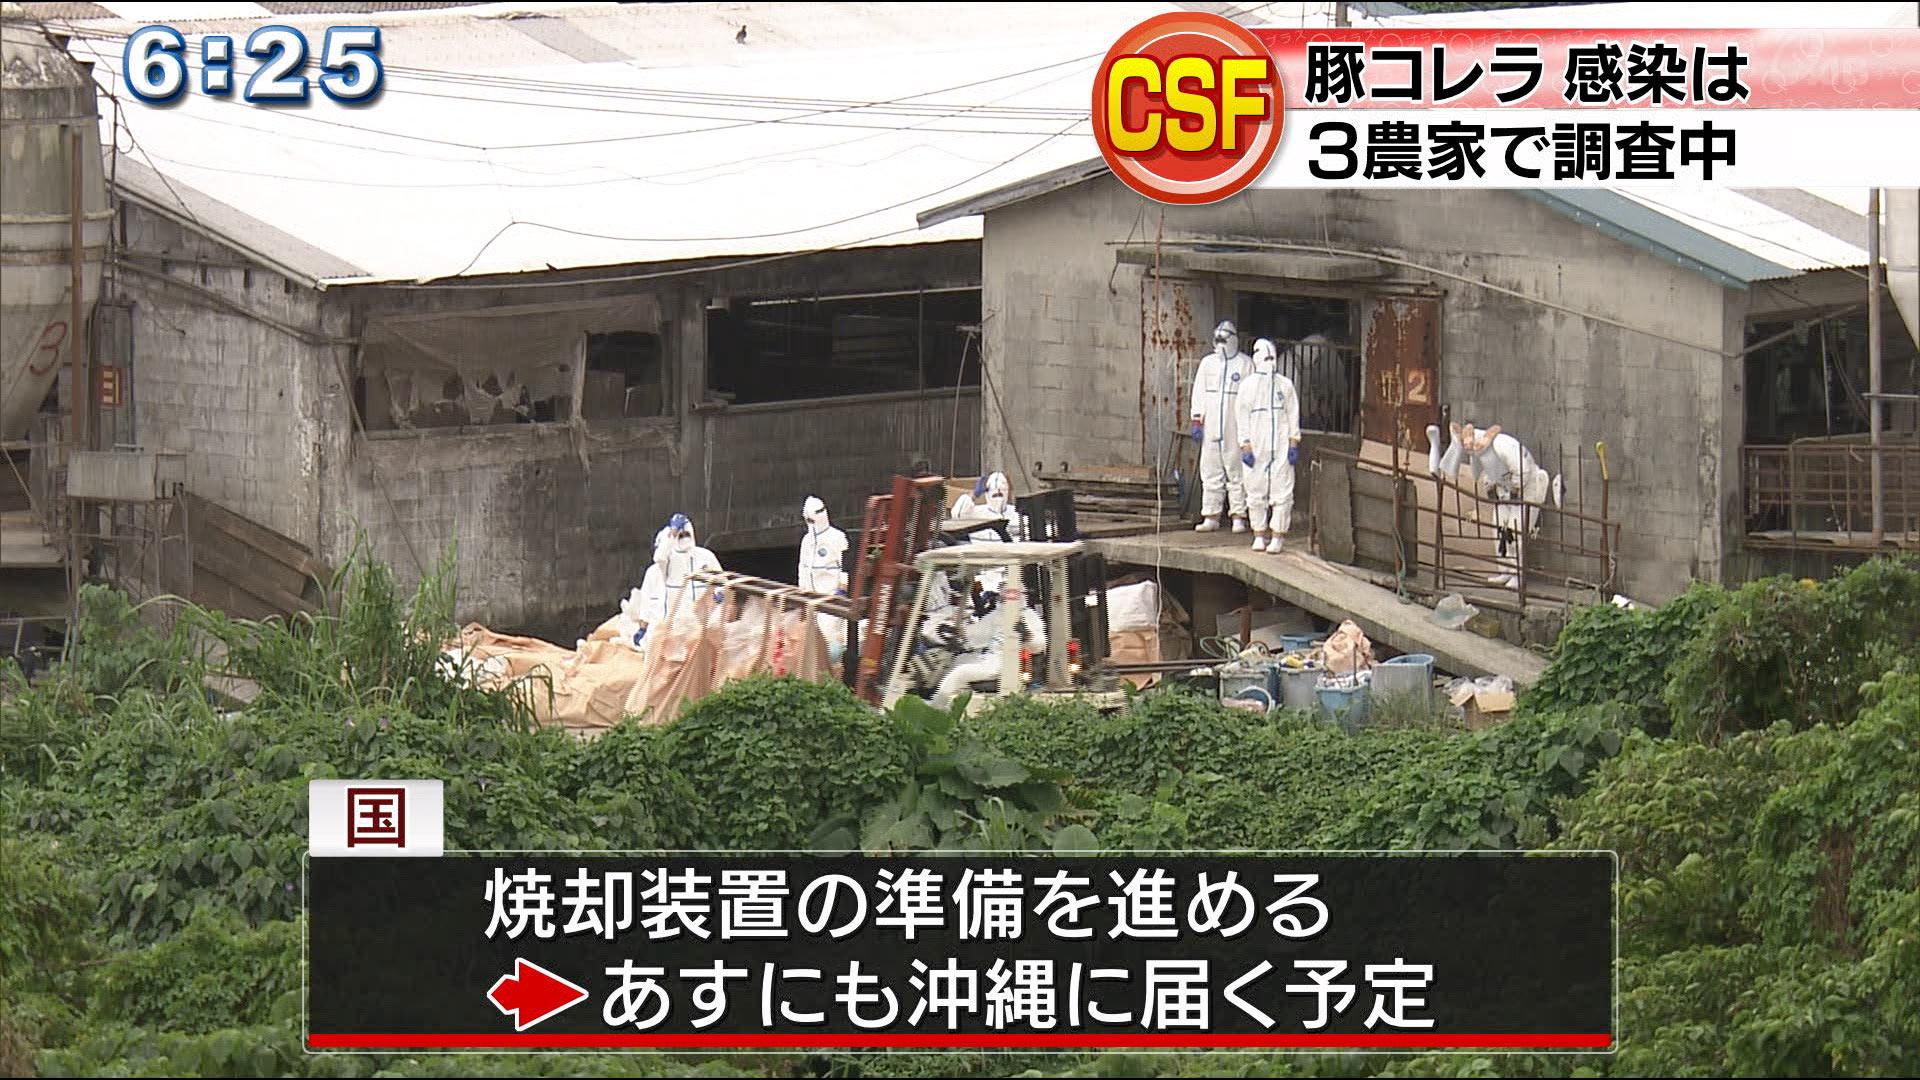 豚コレラ3農家の通報で調査 焼却装置も到着予定